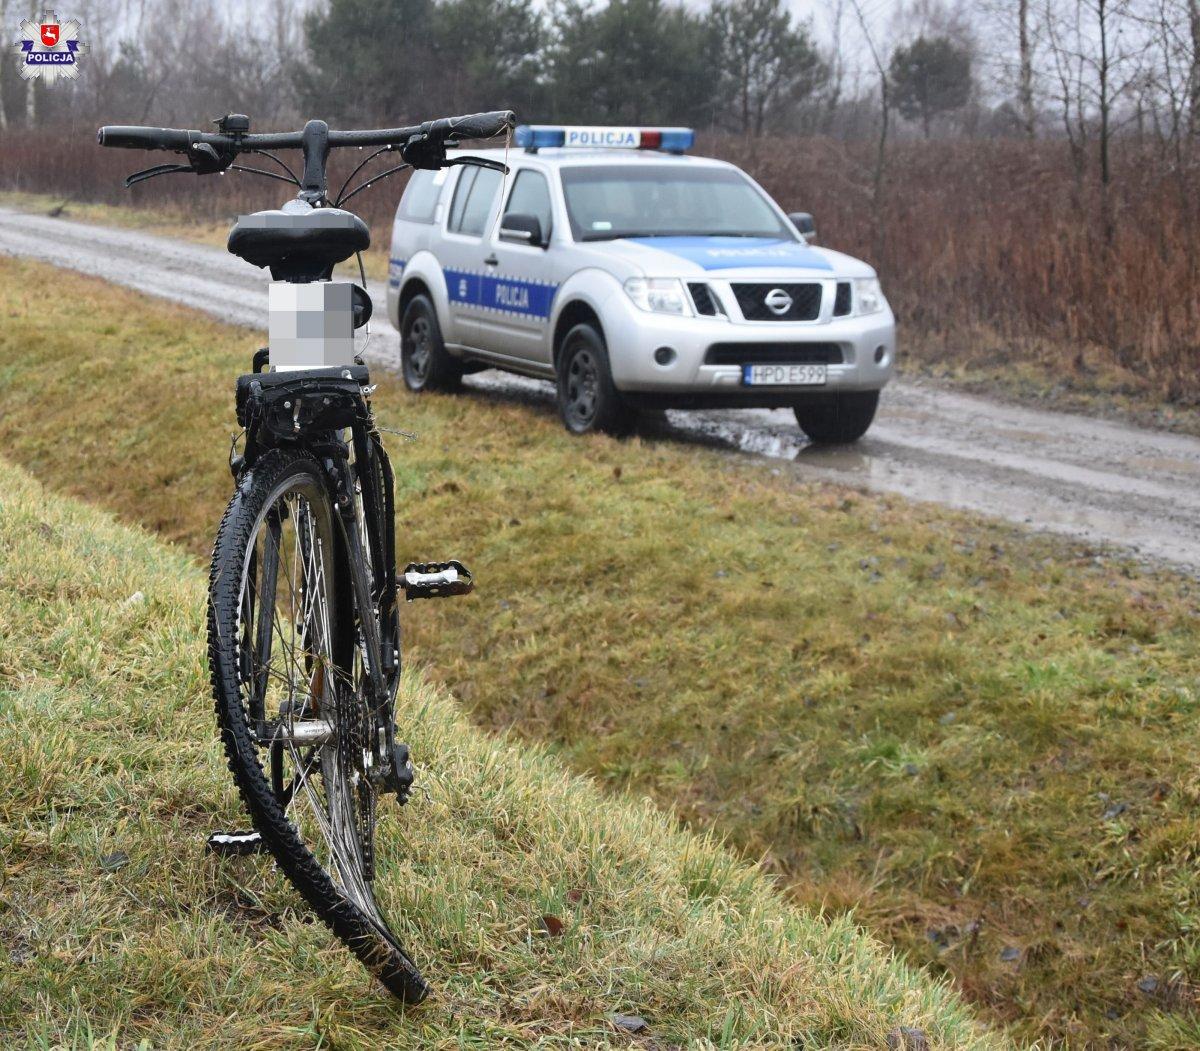 68 162538 Dachowanie Toyoty po zderzeniu z rowerem